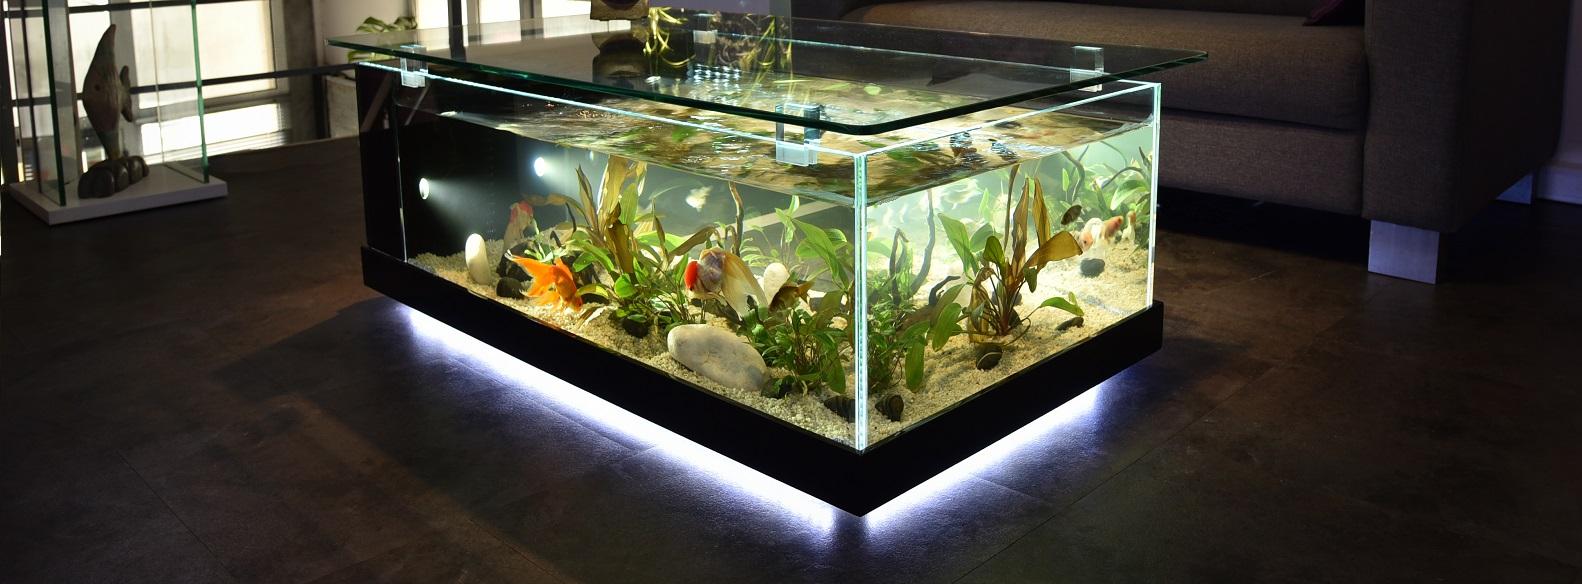 Aquarium mural a vendre